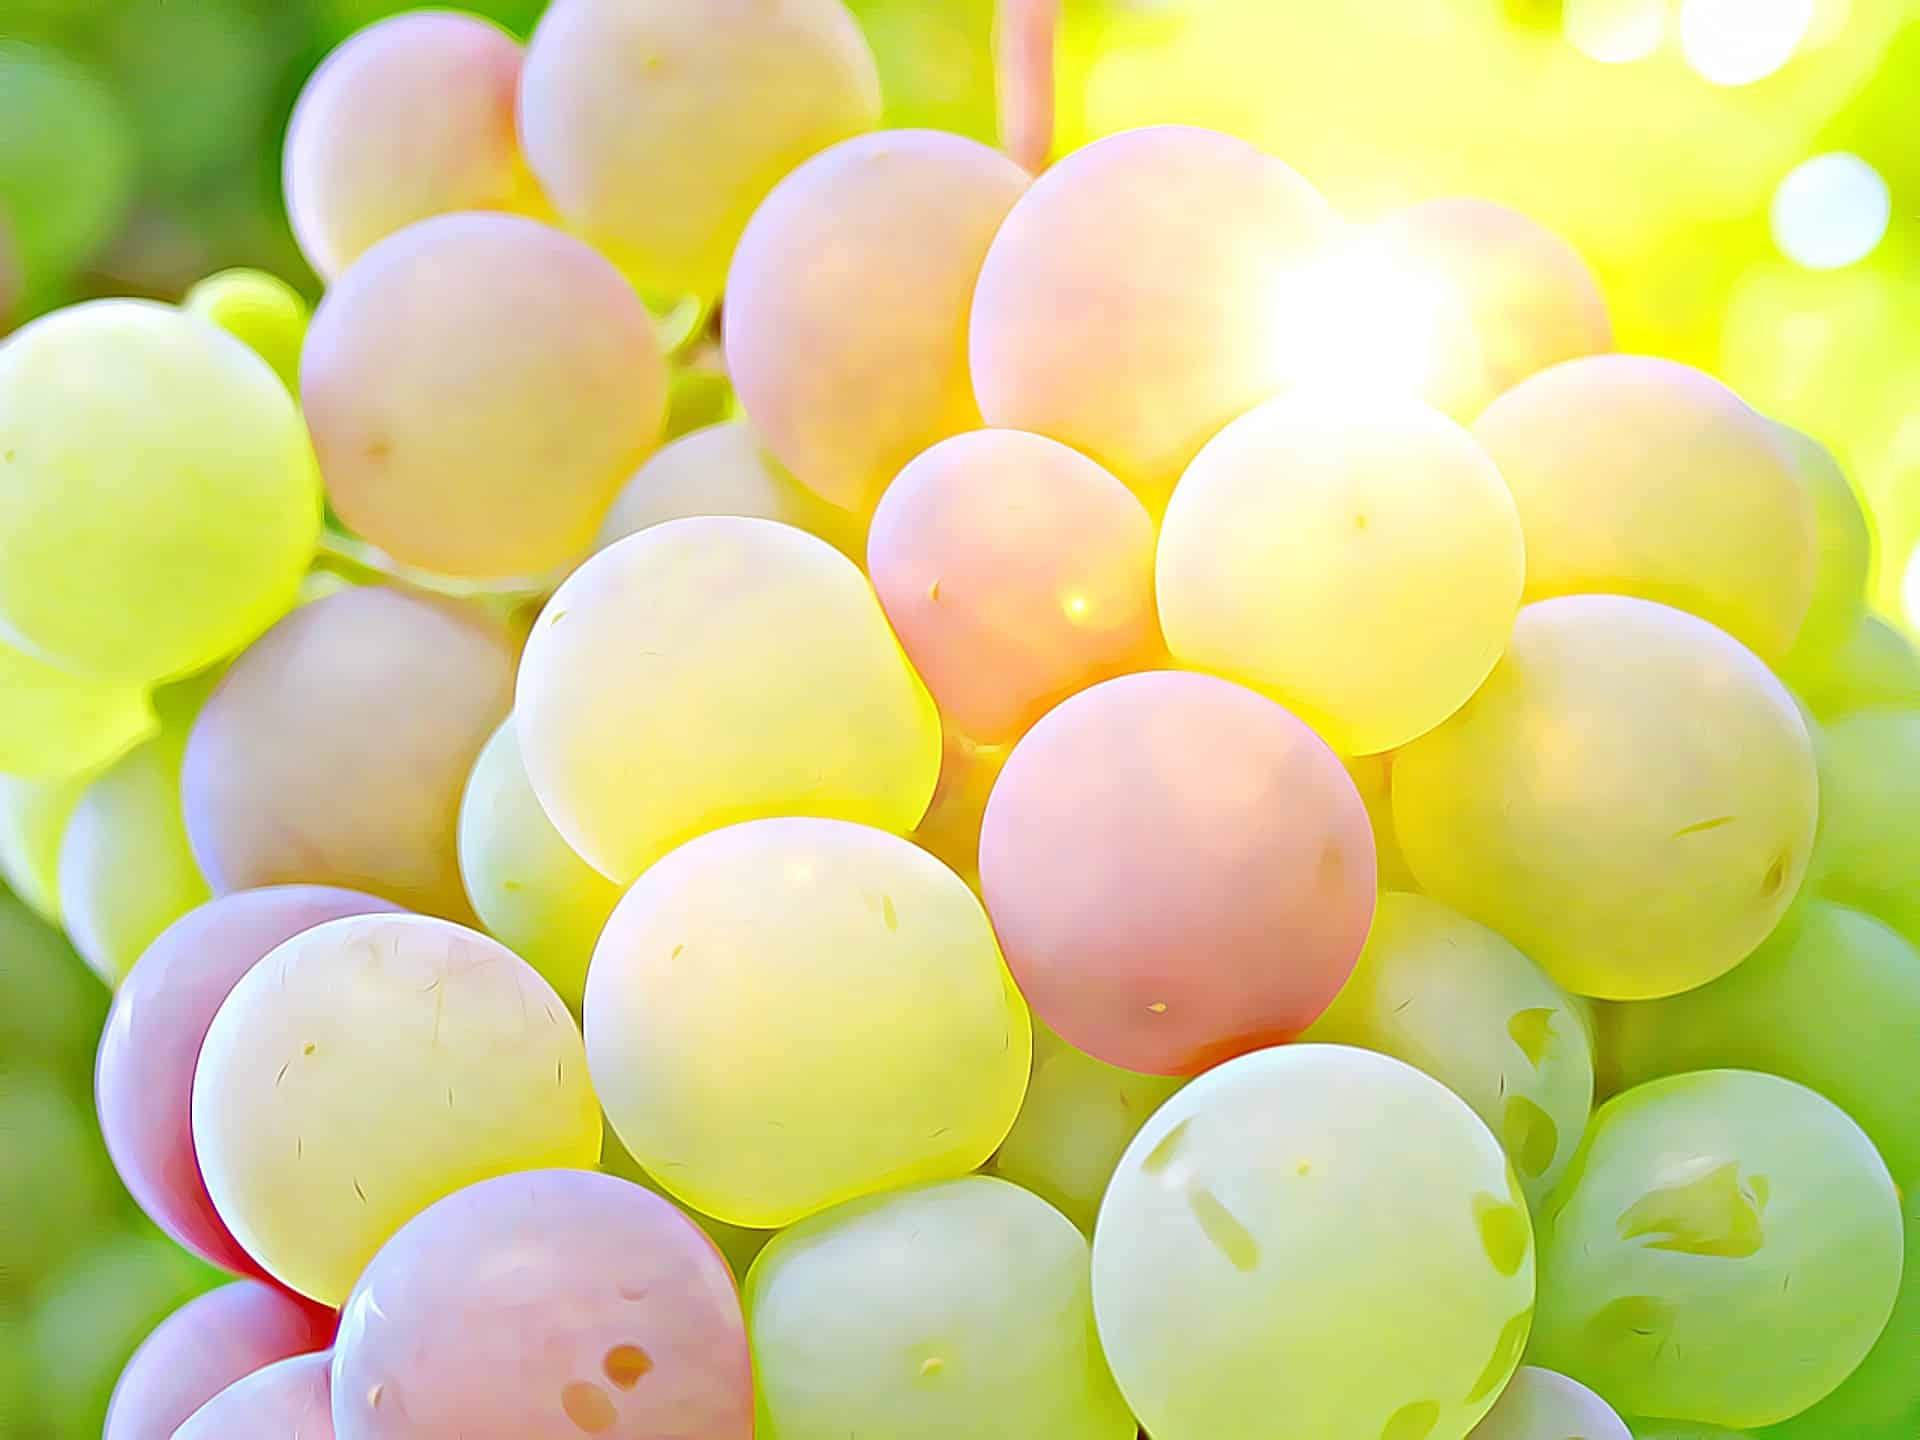 L'uva può aiutare contro l'Alzheimer